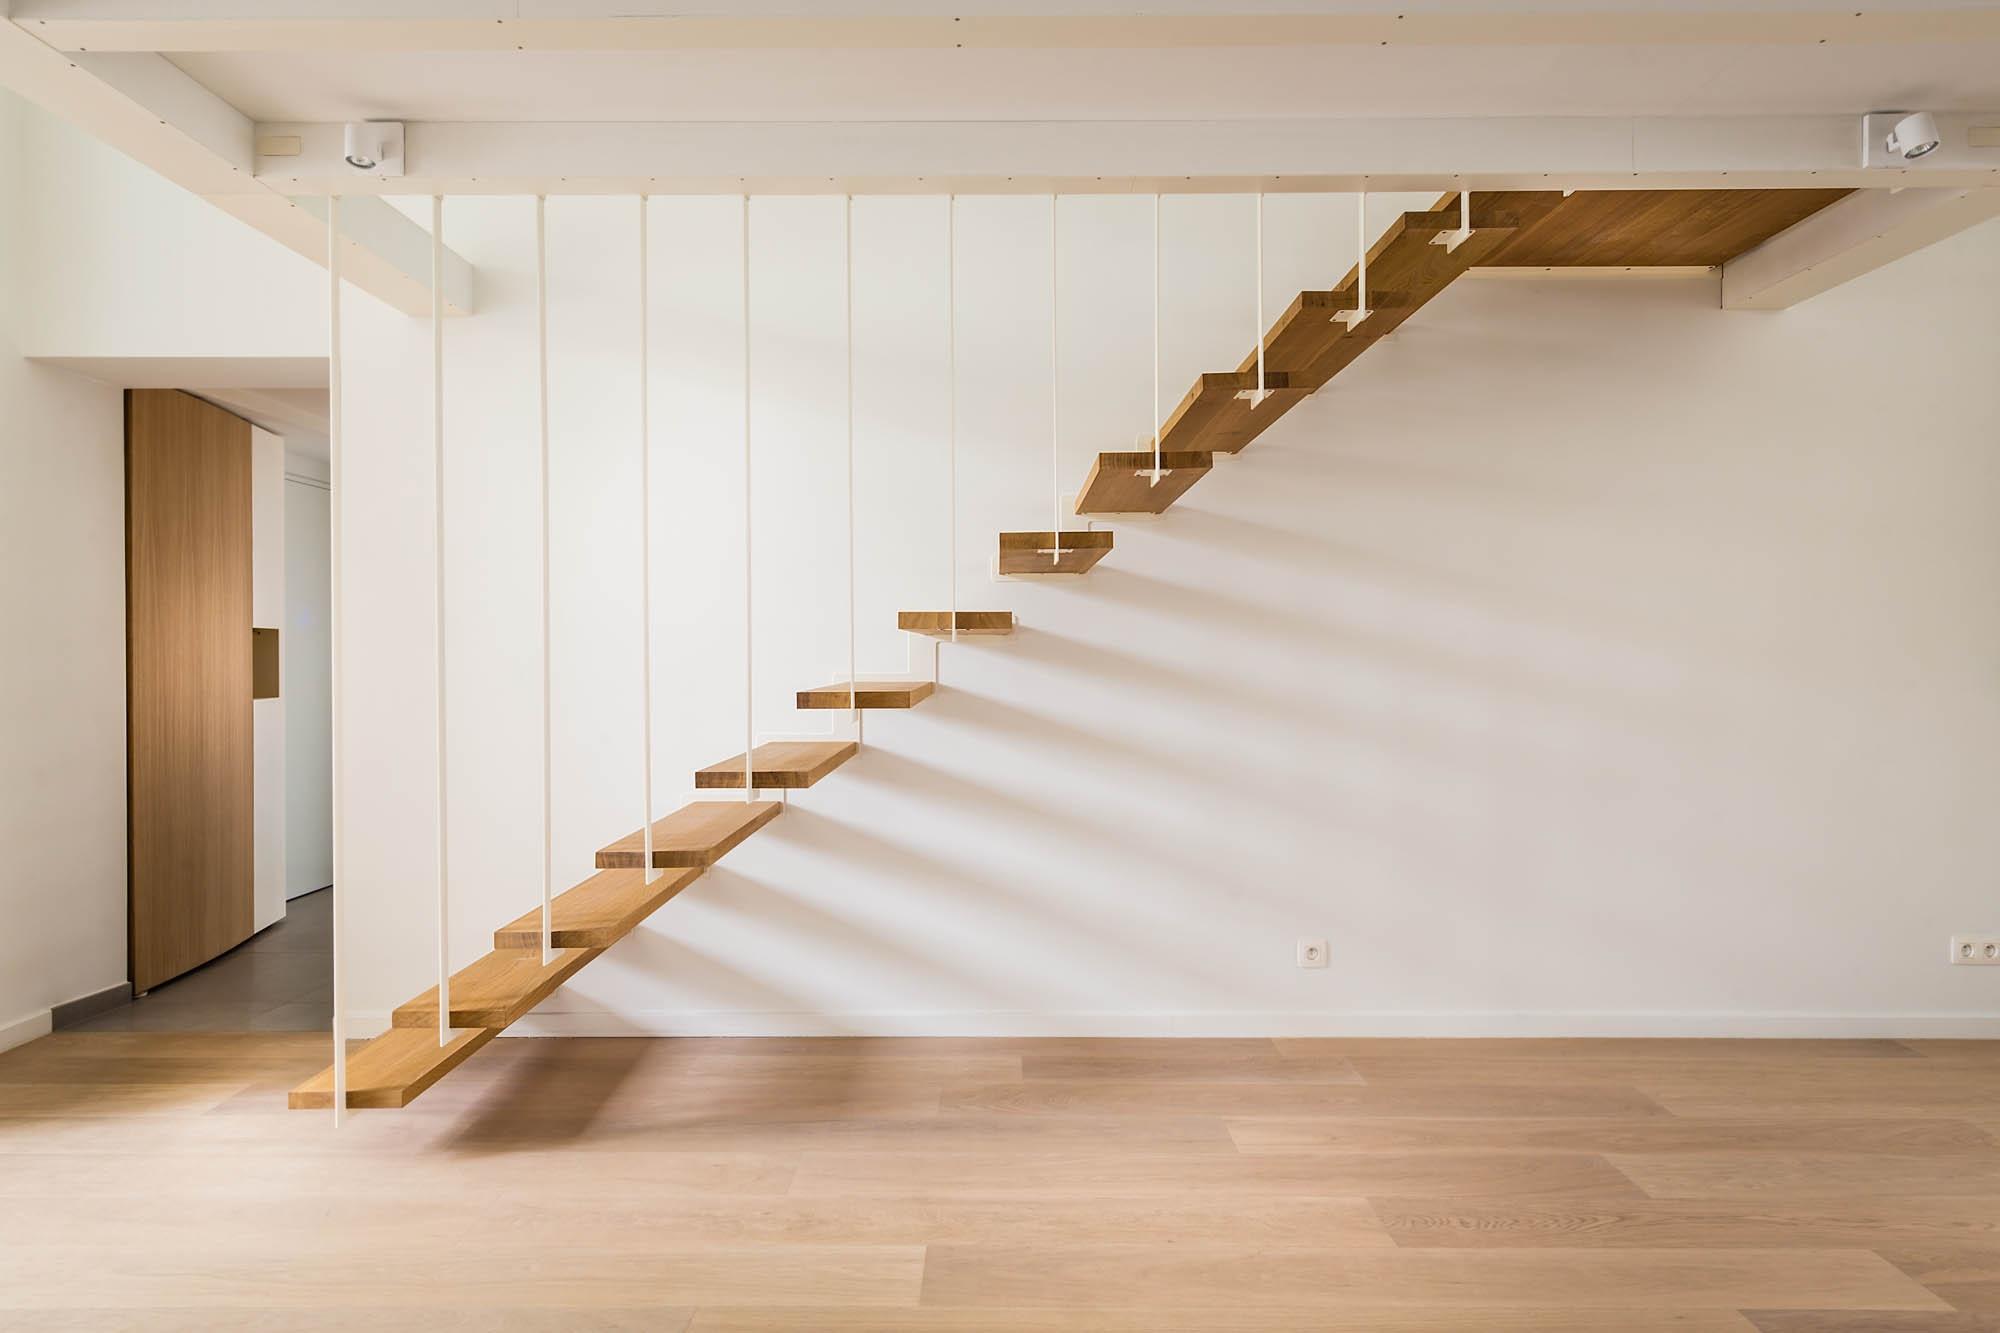 Decoratie muurdecoratie gang : Prachtig in een loftachtige ruimte of een industrieel pand maar zeer ...